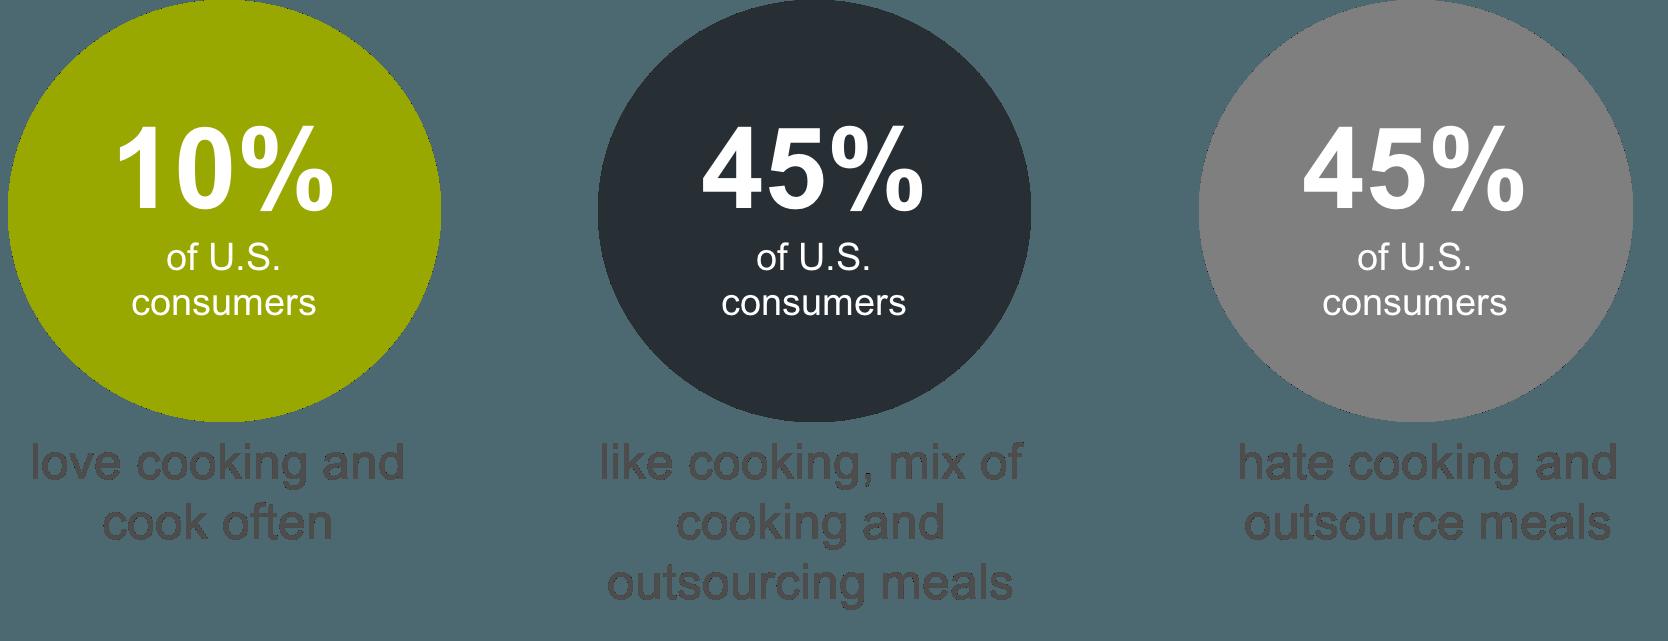 Consumer cooking attitudes